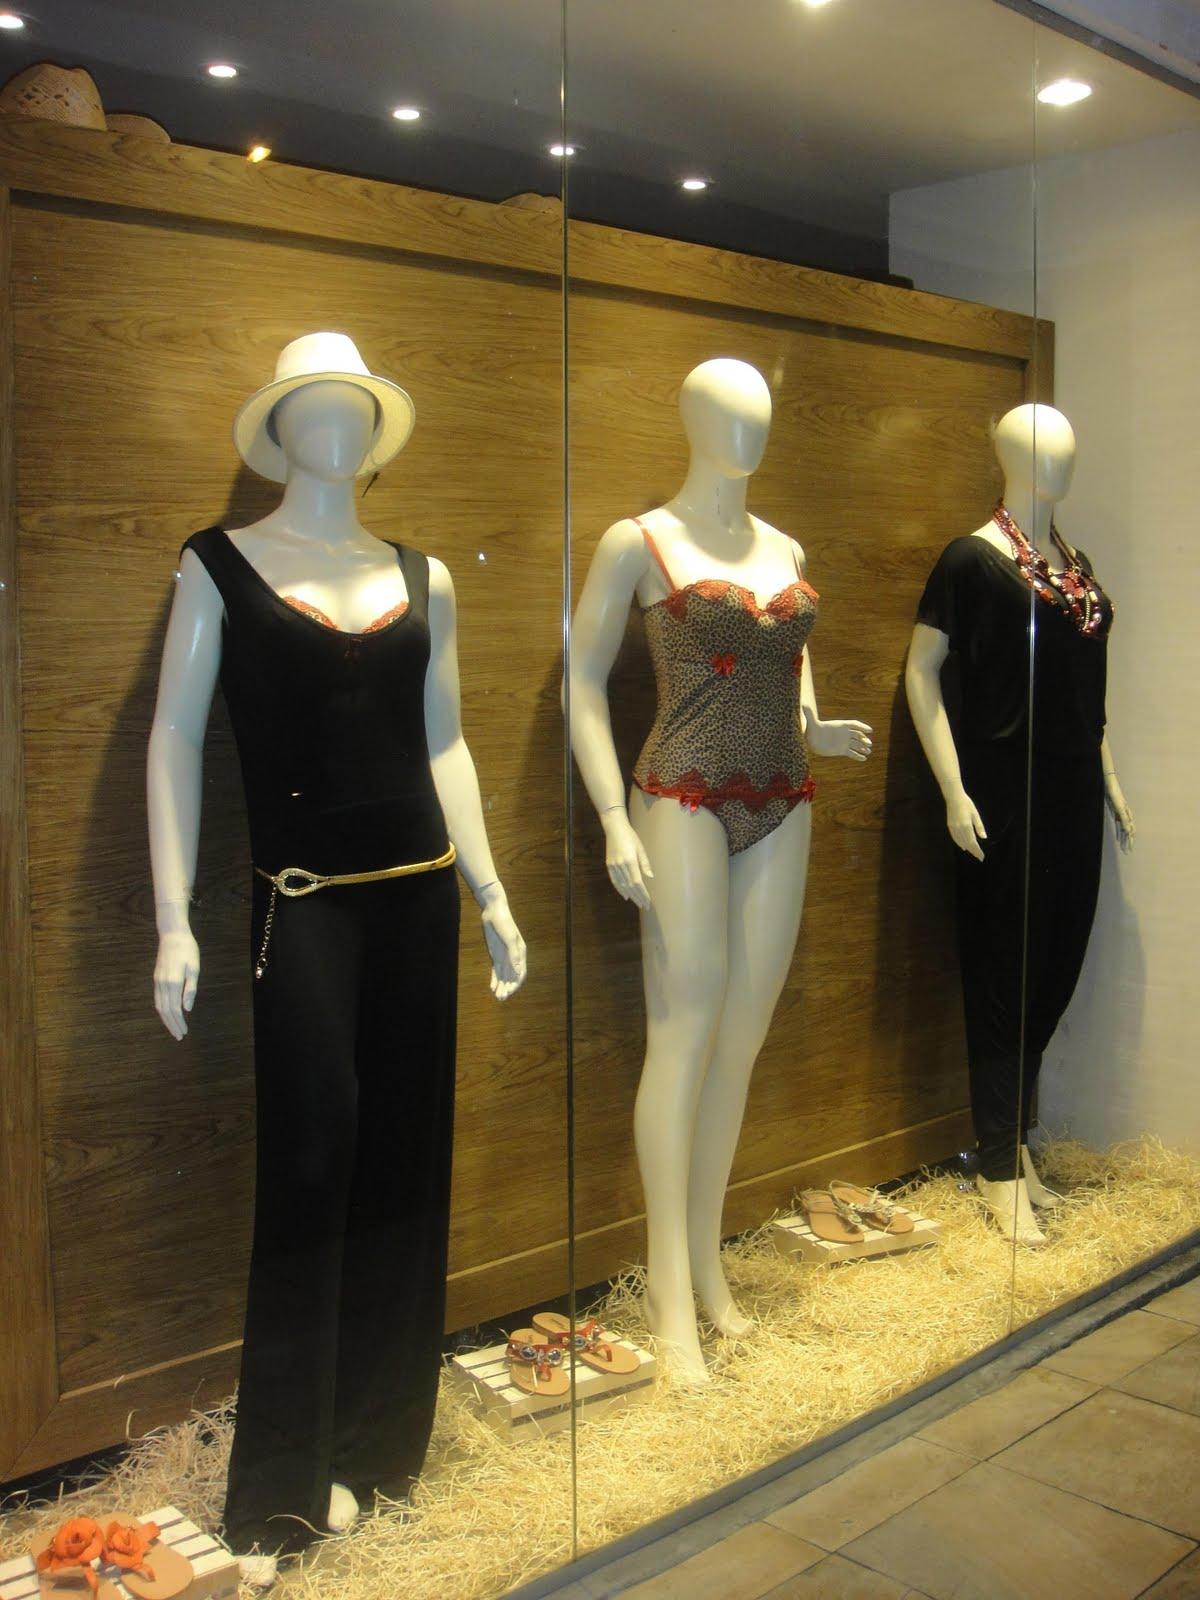 garotas gostosas sex shop barreiro